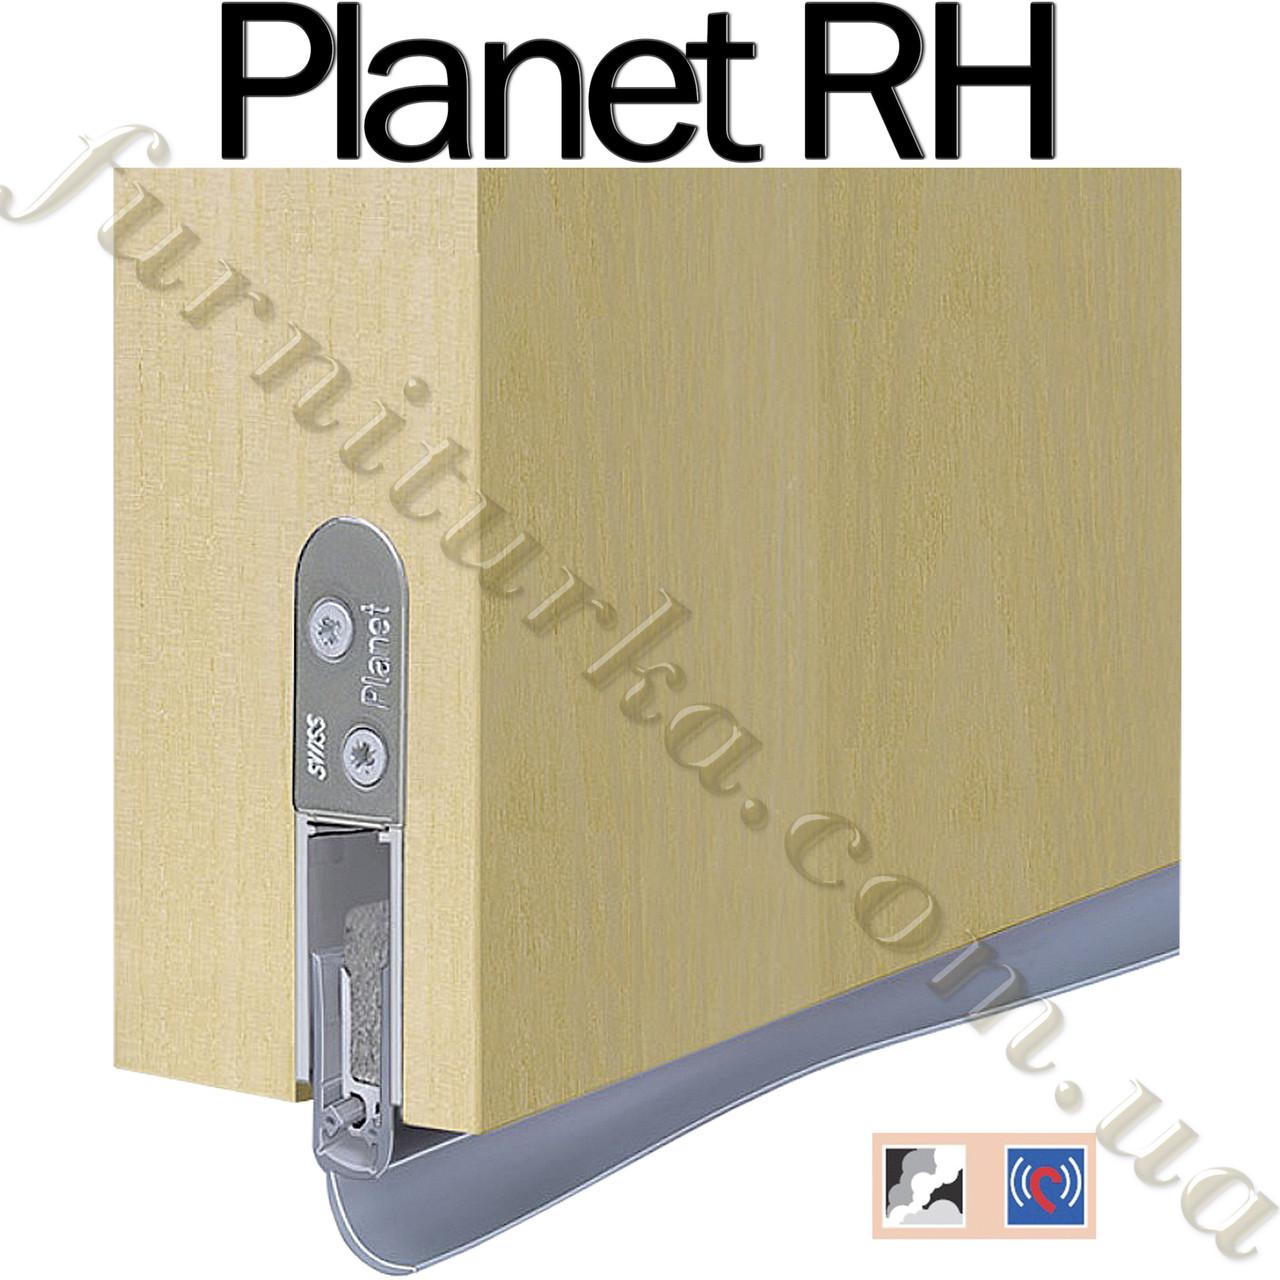 Самоопускающийся порог Planet RH 710 мм